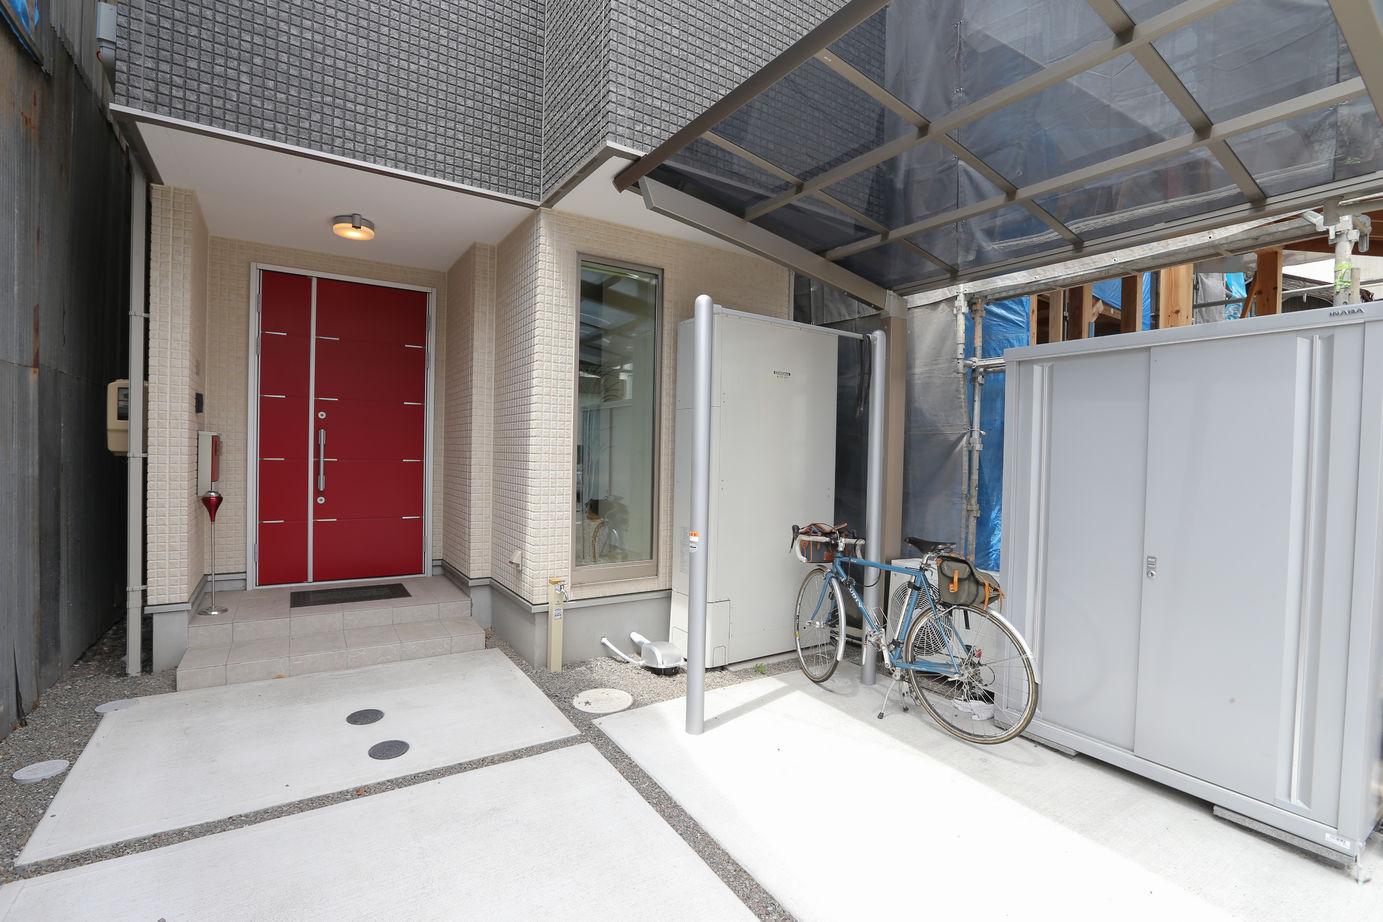 【屋上付3階建て】限られた敷地に有効的に建てられた空間設計画像3